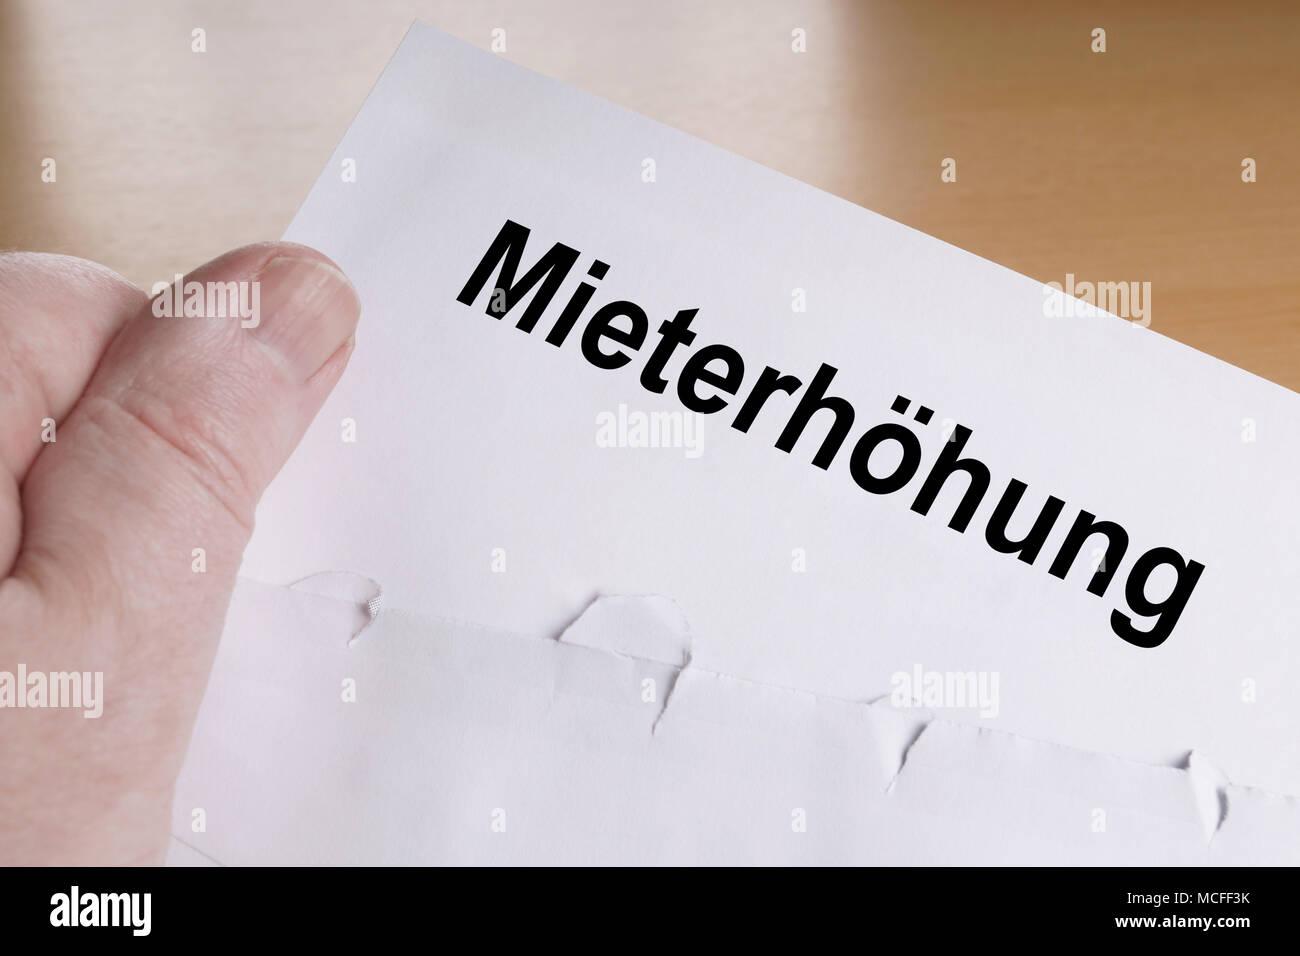 Es Mieterhöhung alemán para aumento de alquiler, mano sosteniendo carta Imagen De Stock